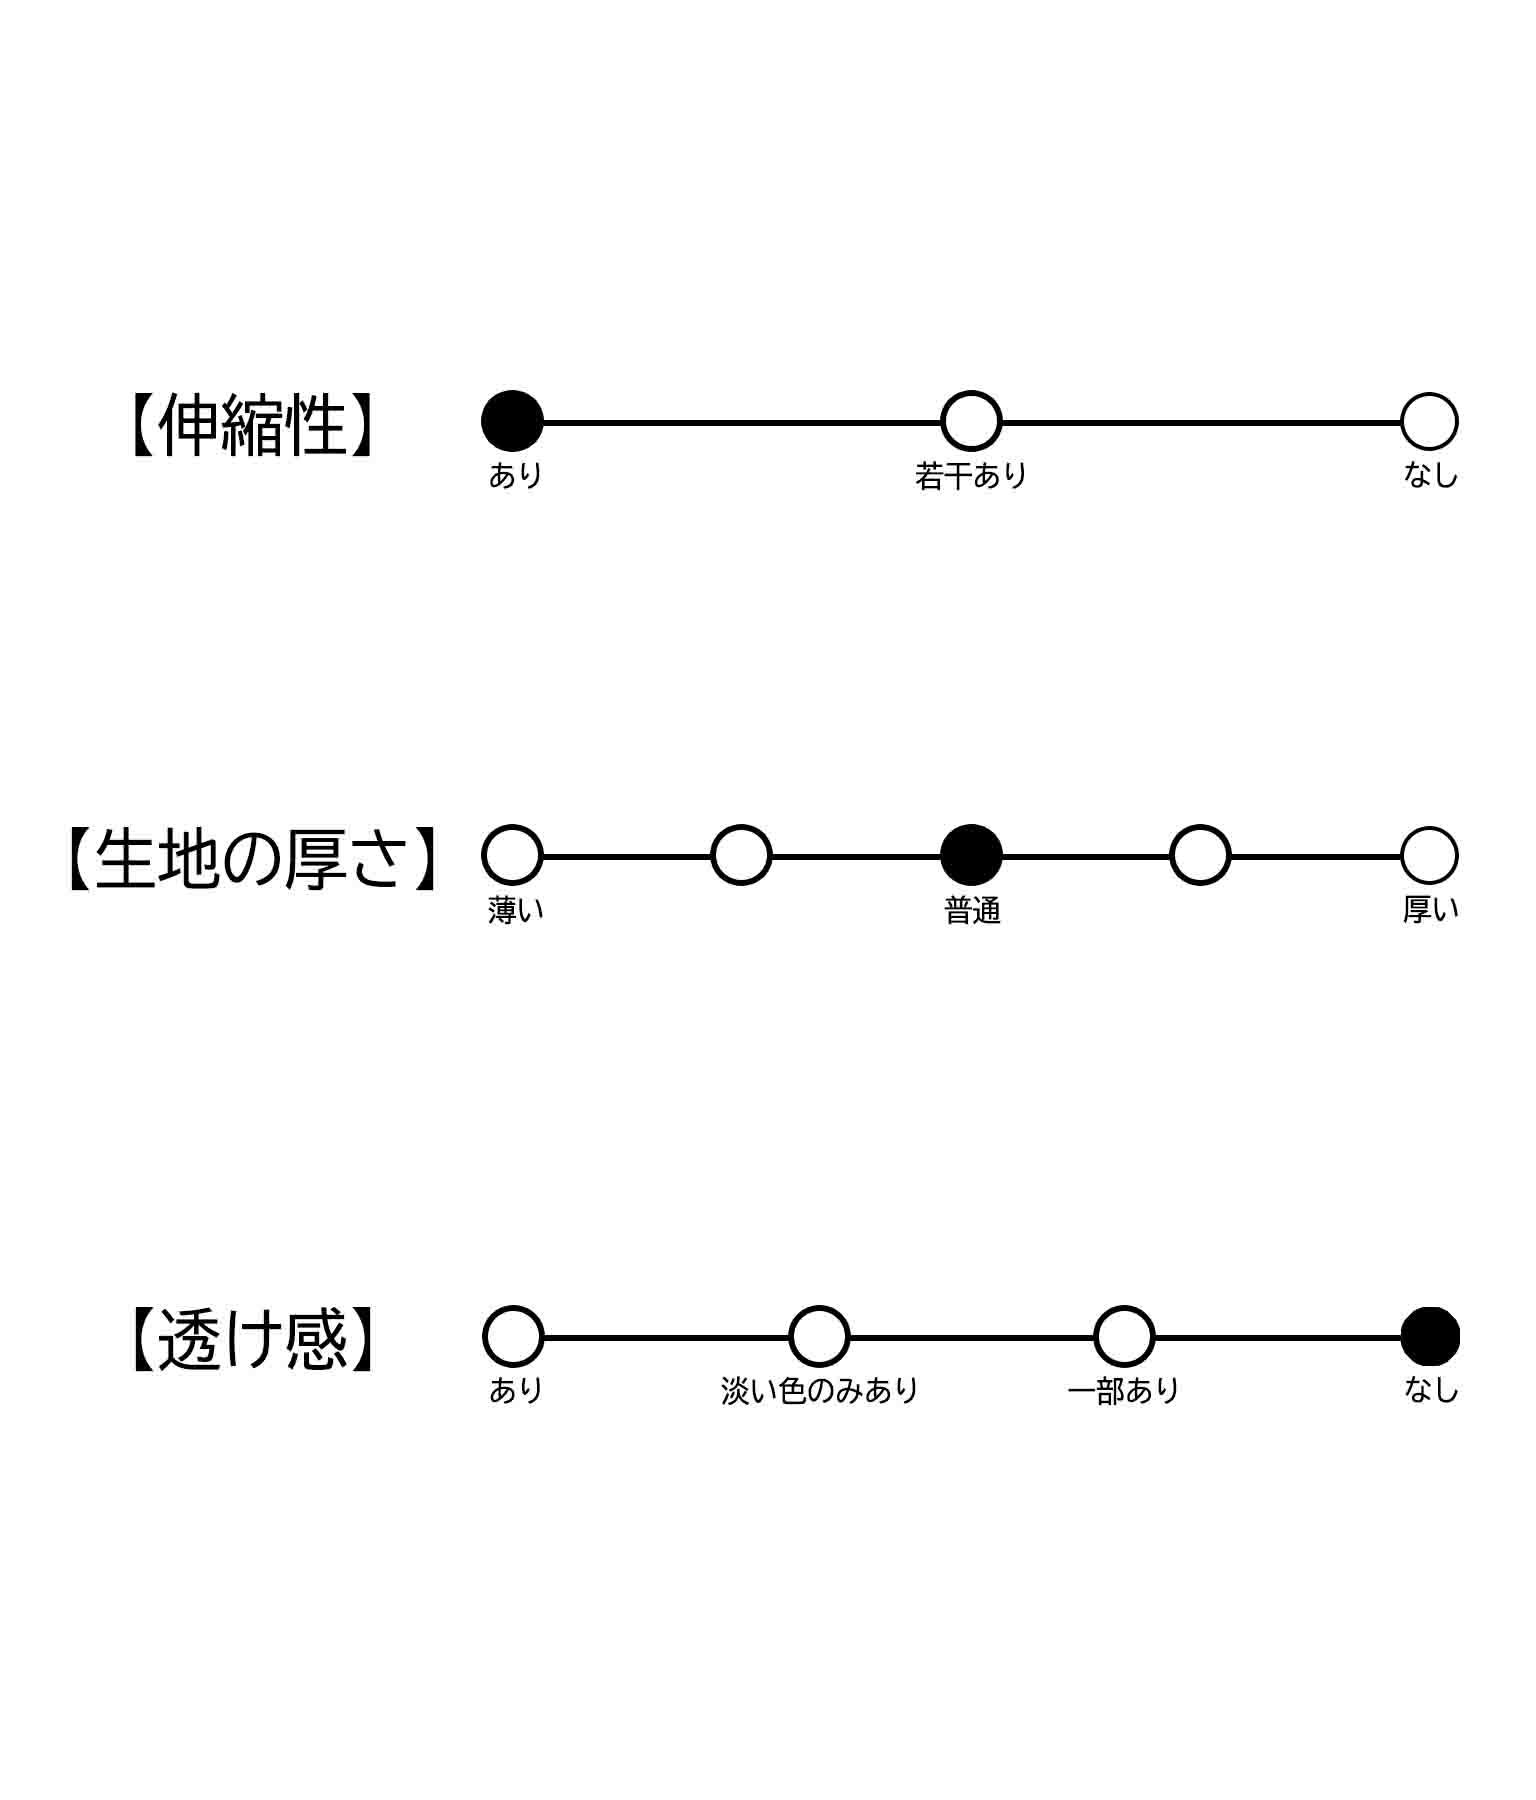 フロントリボンデザインスリット入りトップス | CHILLE